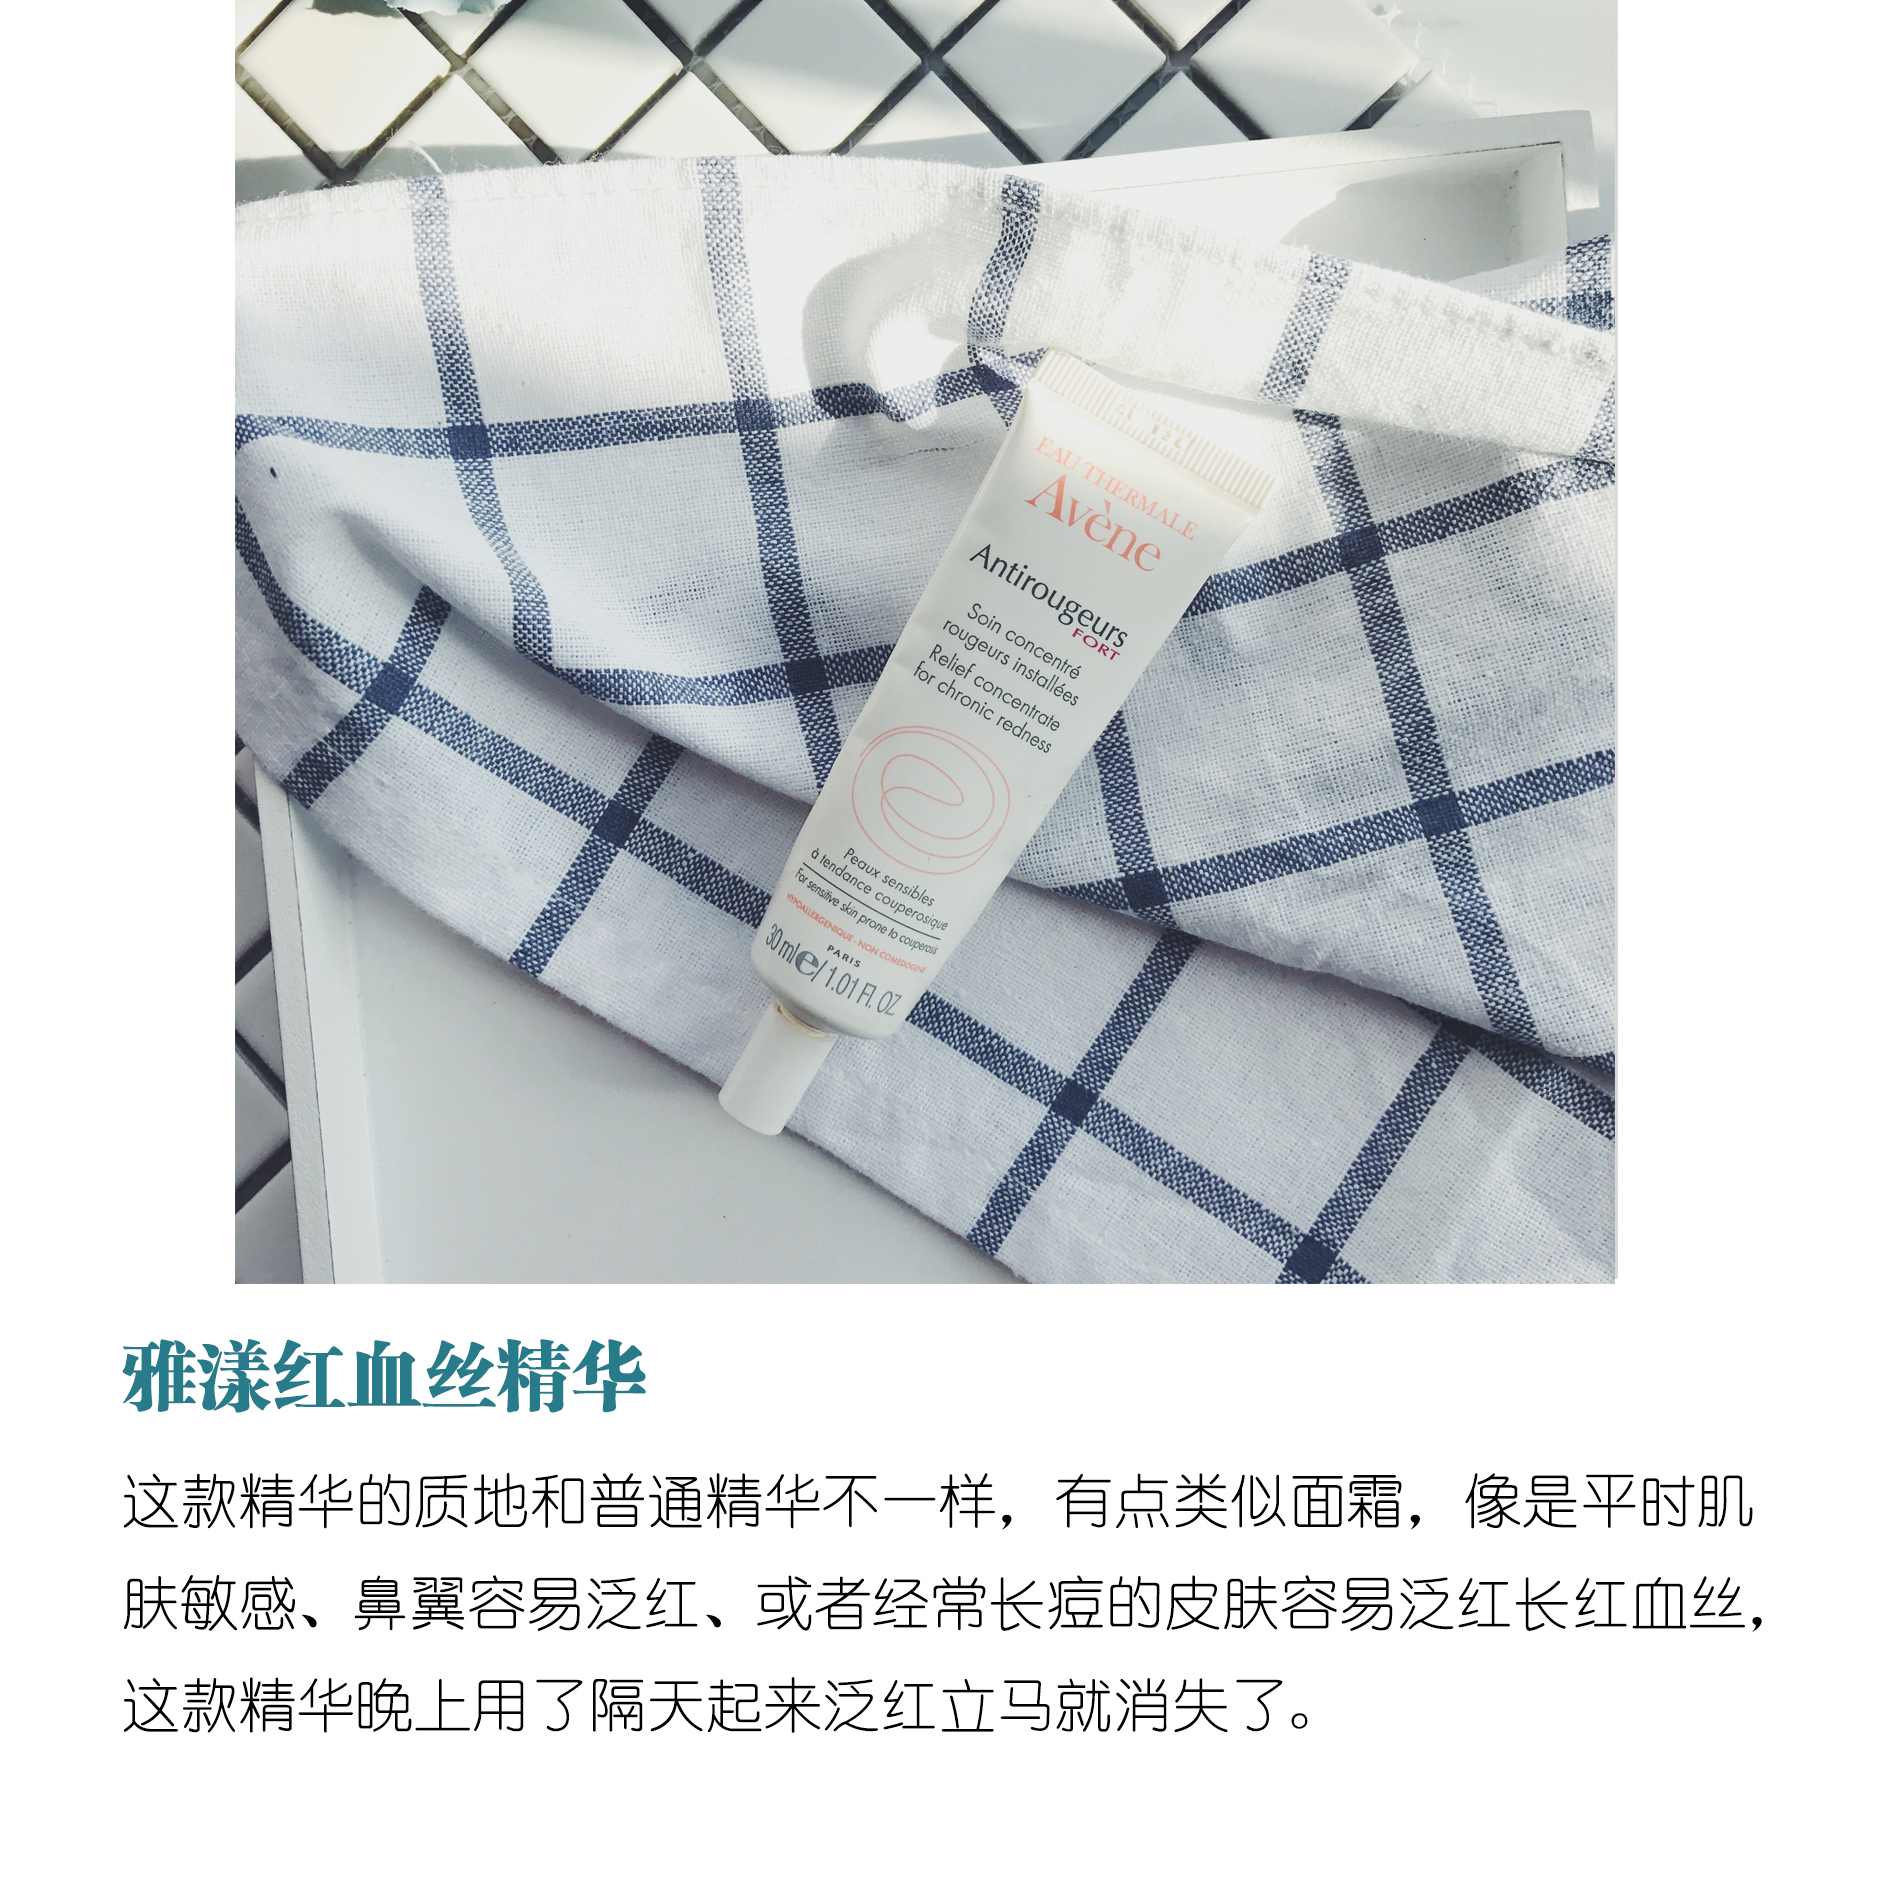 19雅漾红血丝精华.jpg